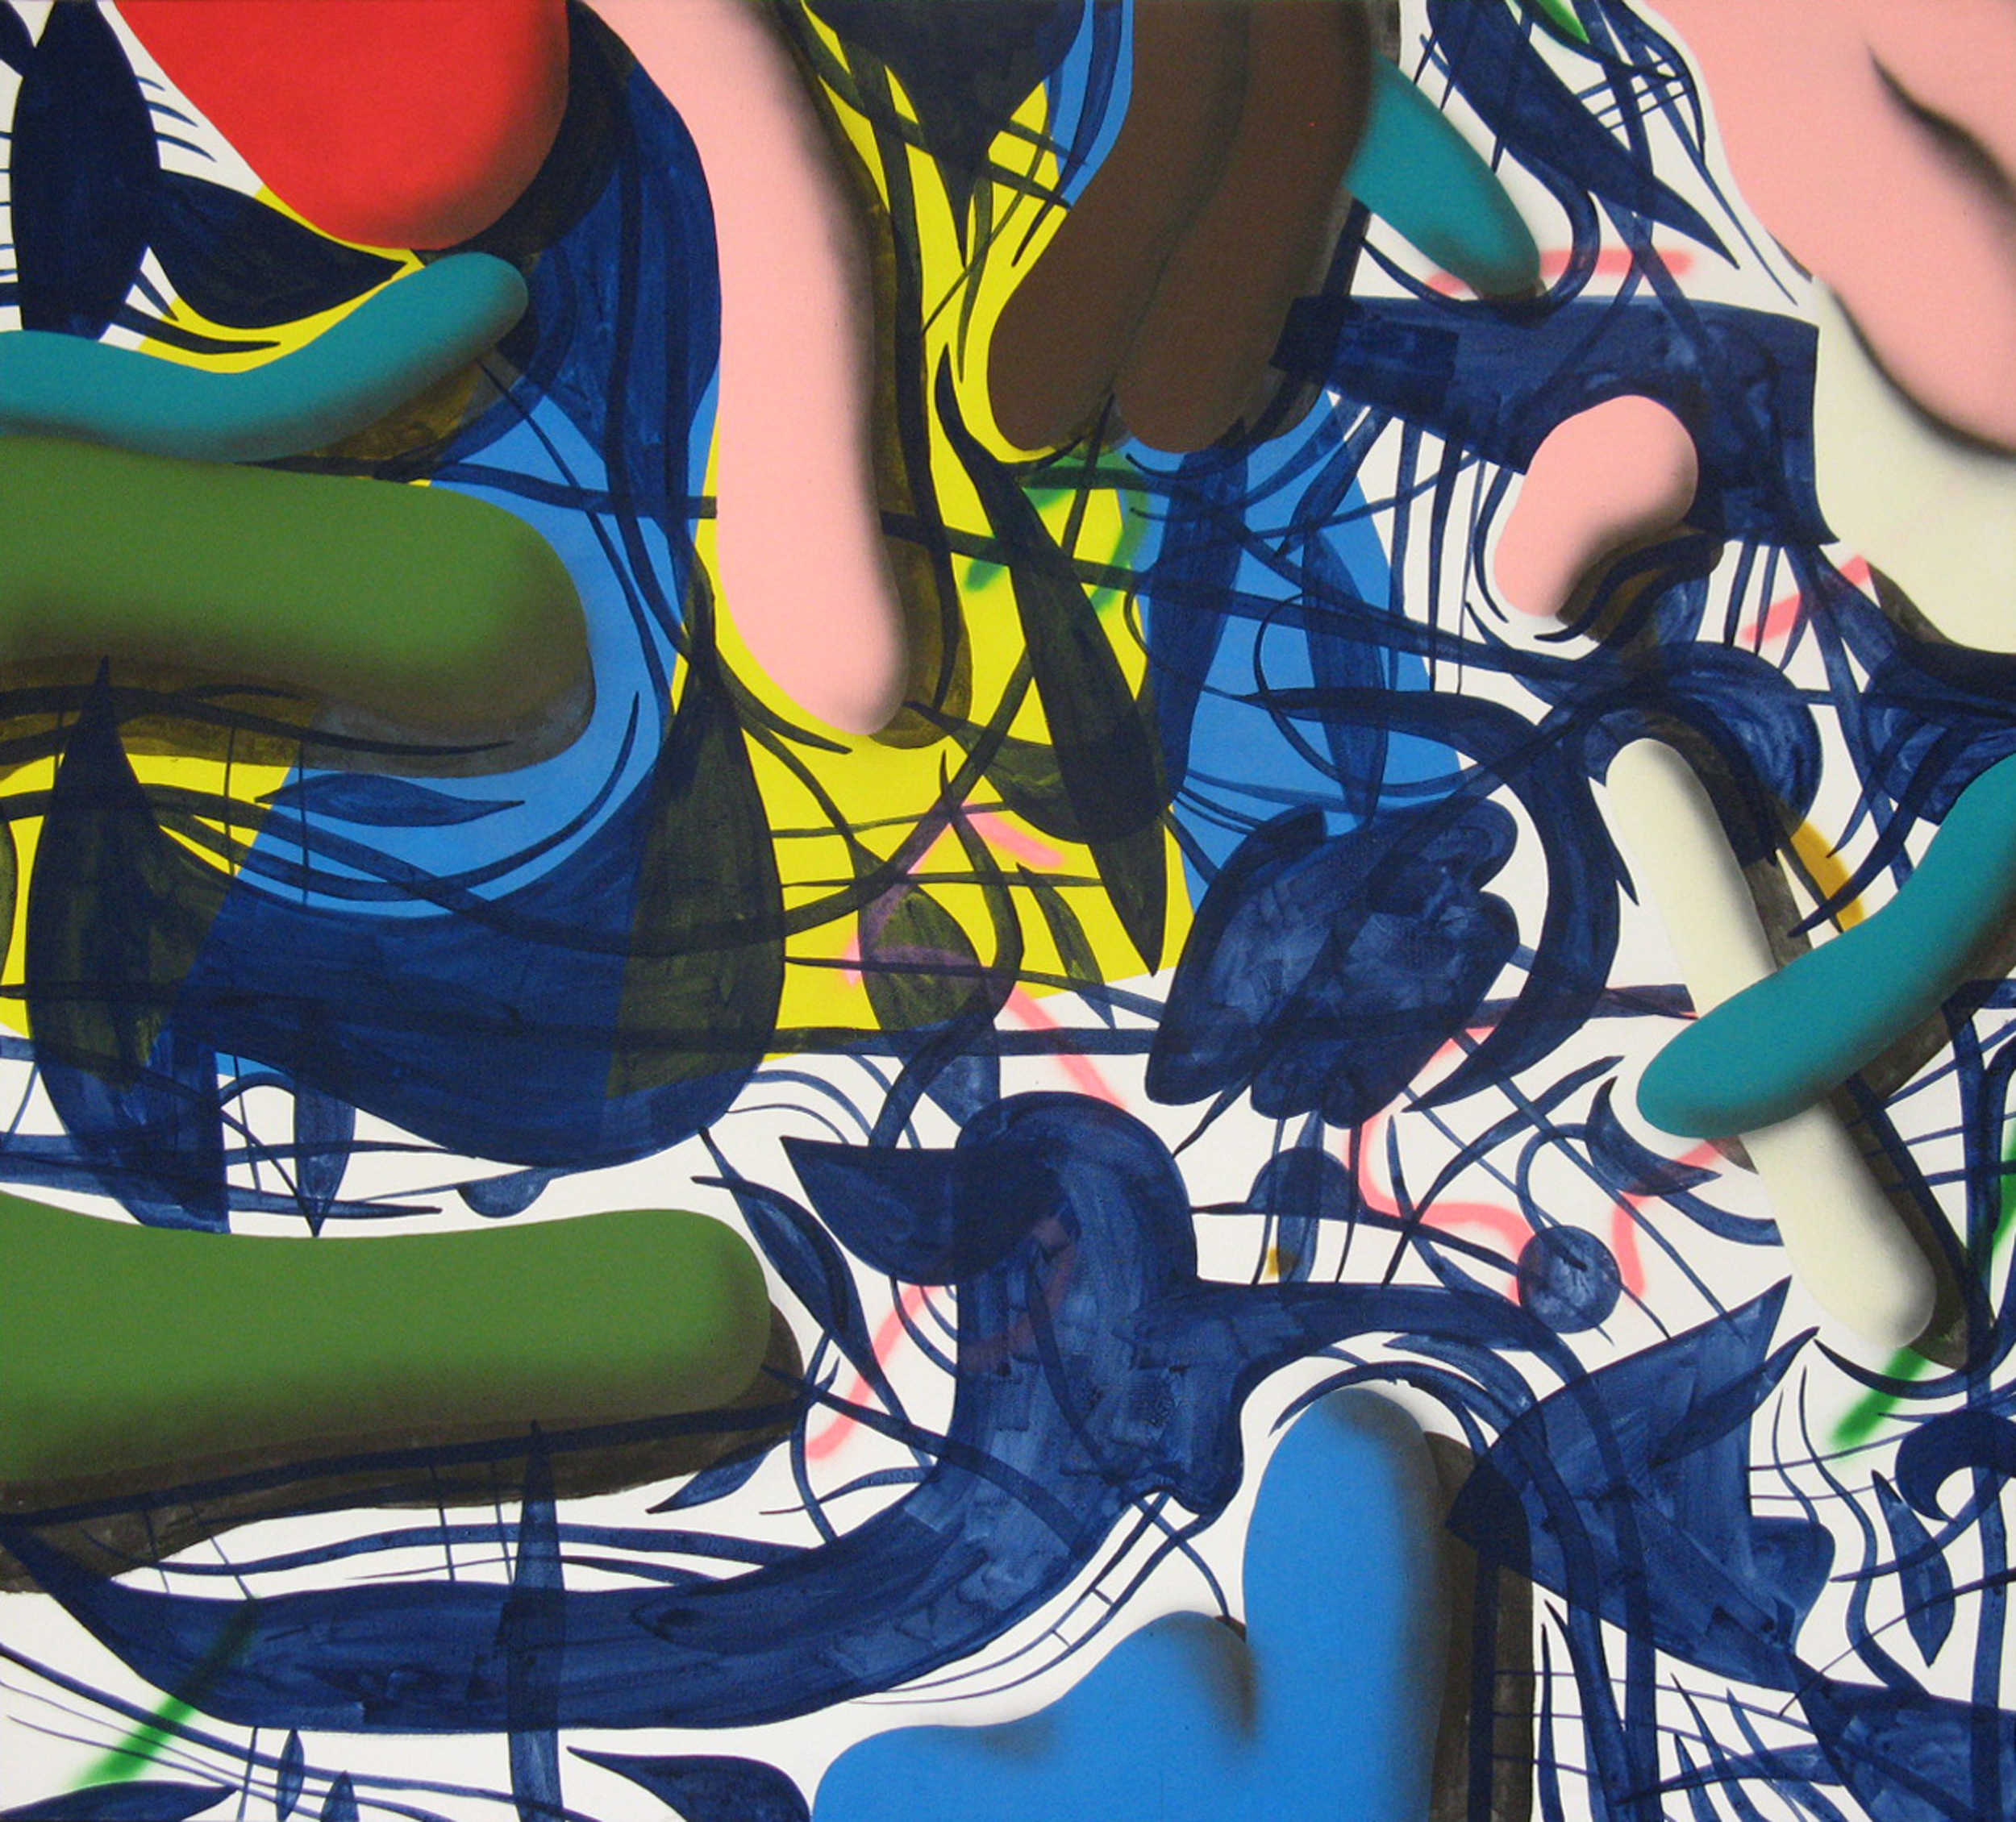 Set IV., 2007, acrylic, spray on canvas, 190 x 190 cm